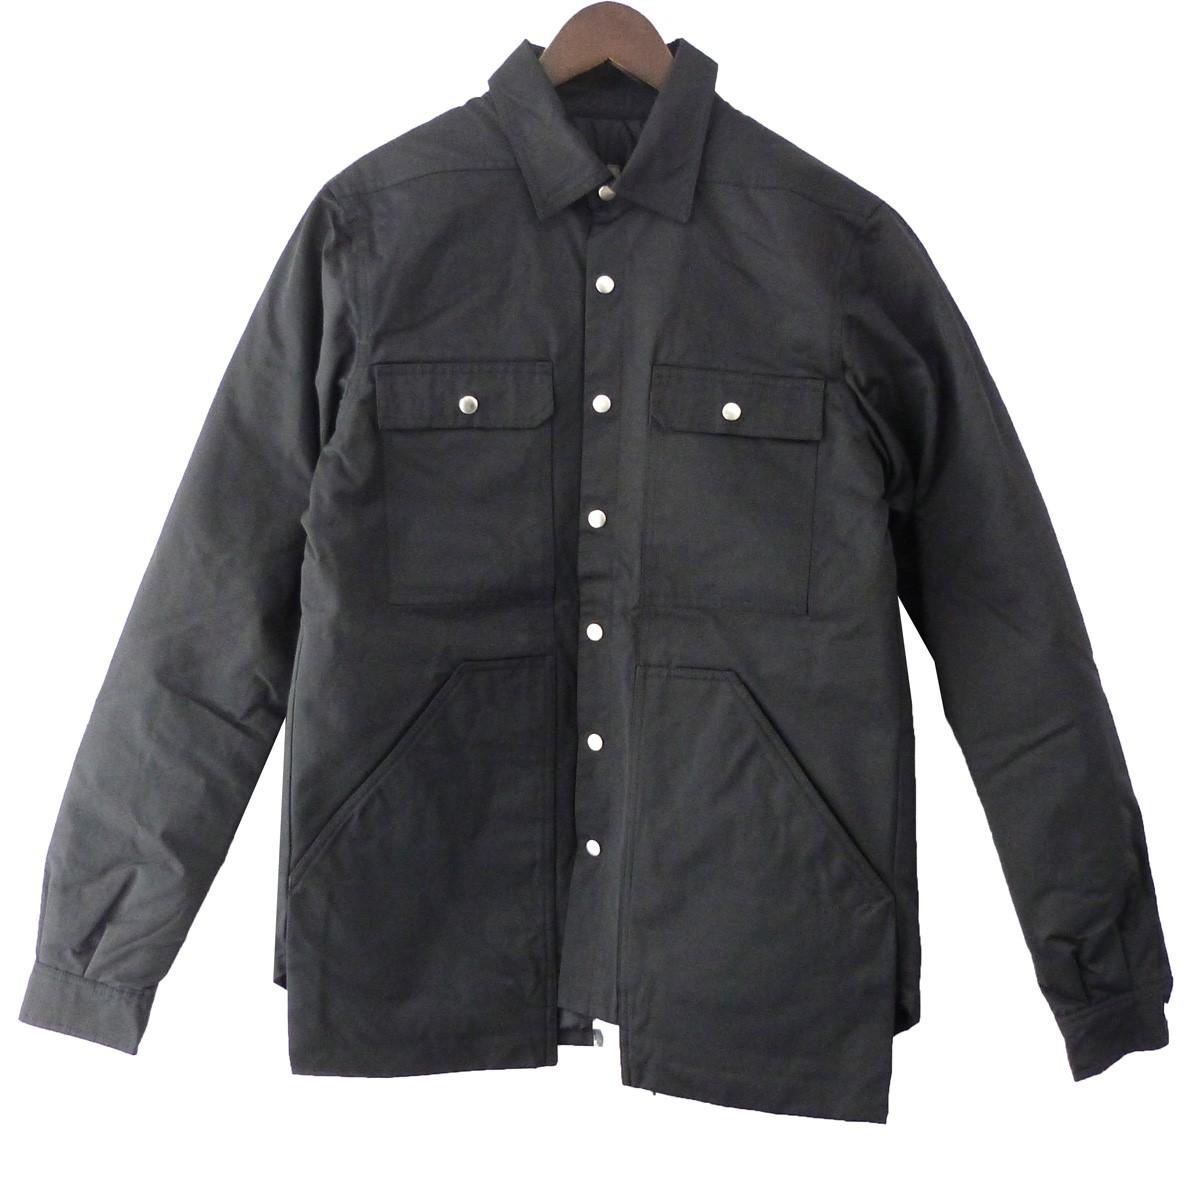 【中古】DRKSHDW 19AW「CARGO OUTER SHIRT」カーゴアウターシャツ ブラック サイズ:S 【030320】(ダークシャドウ)